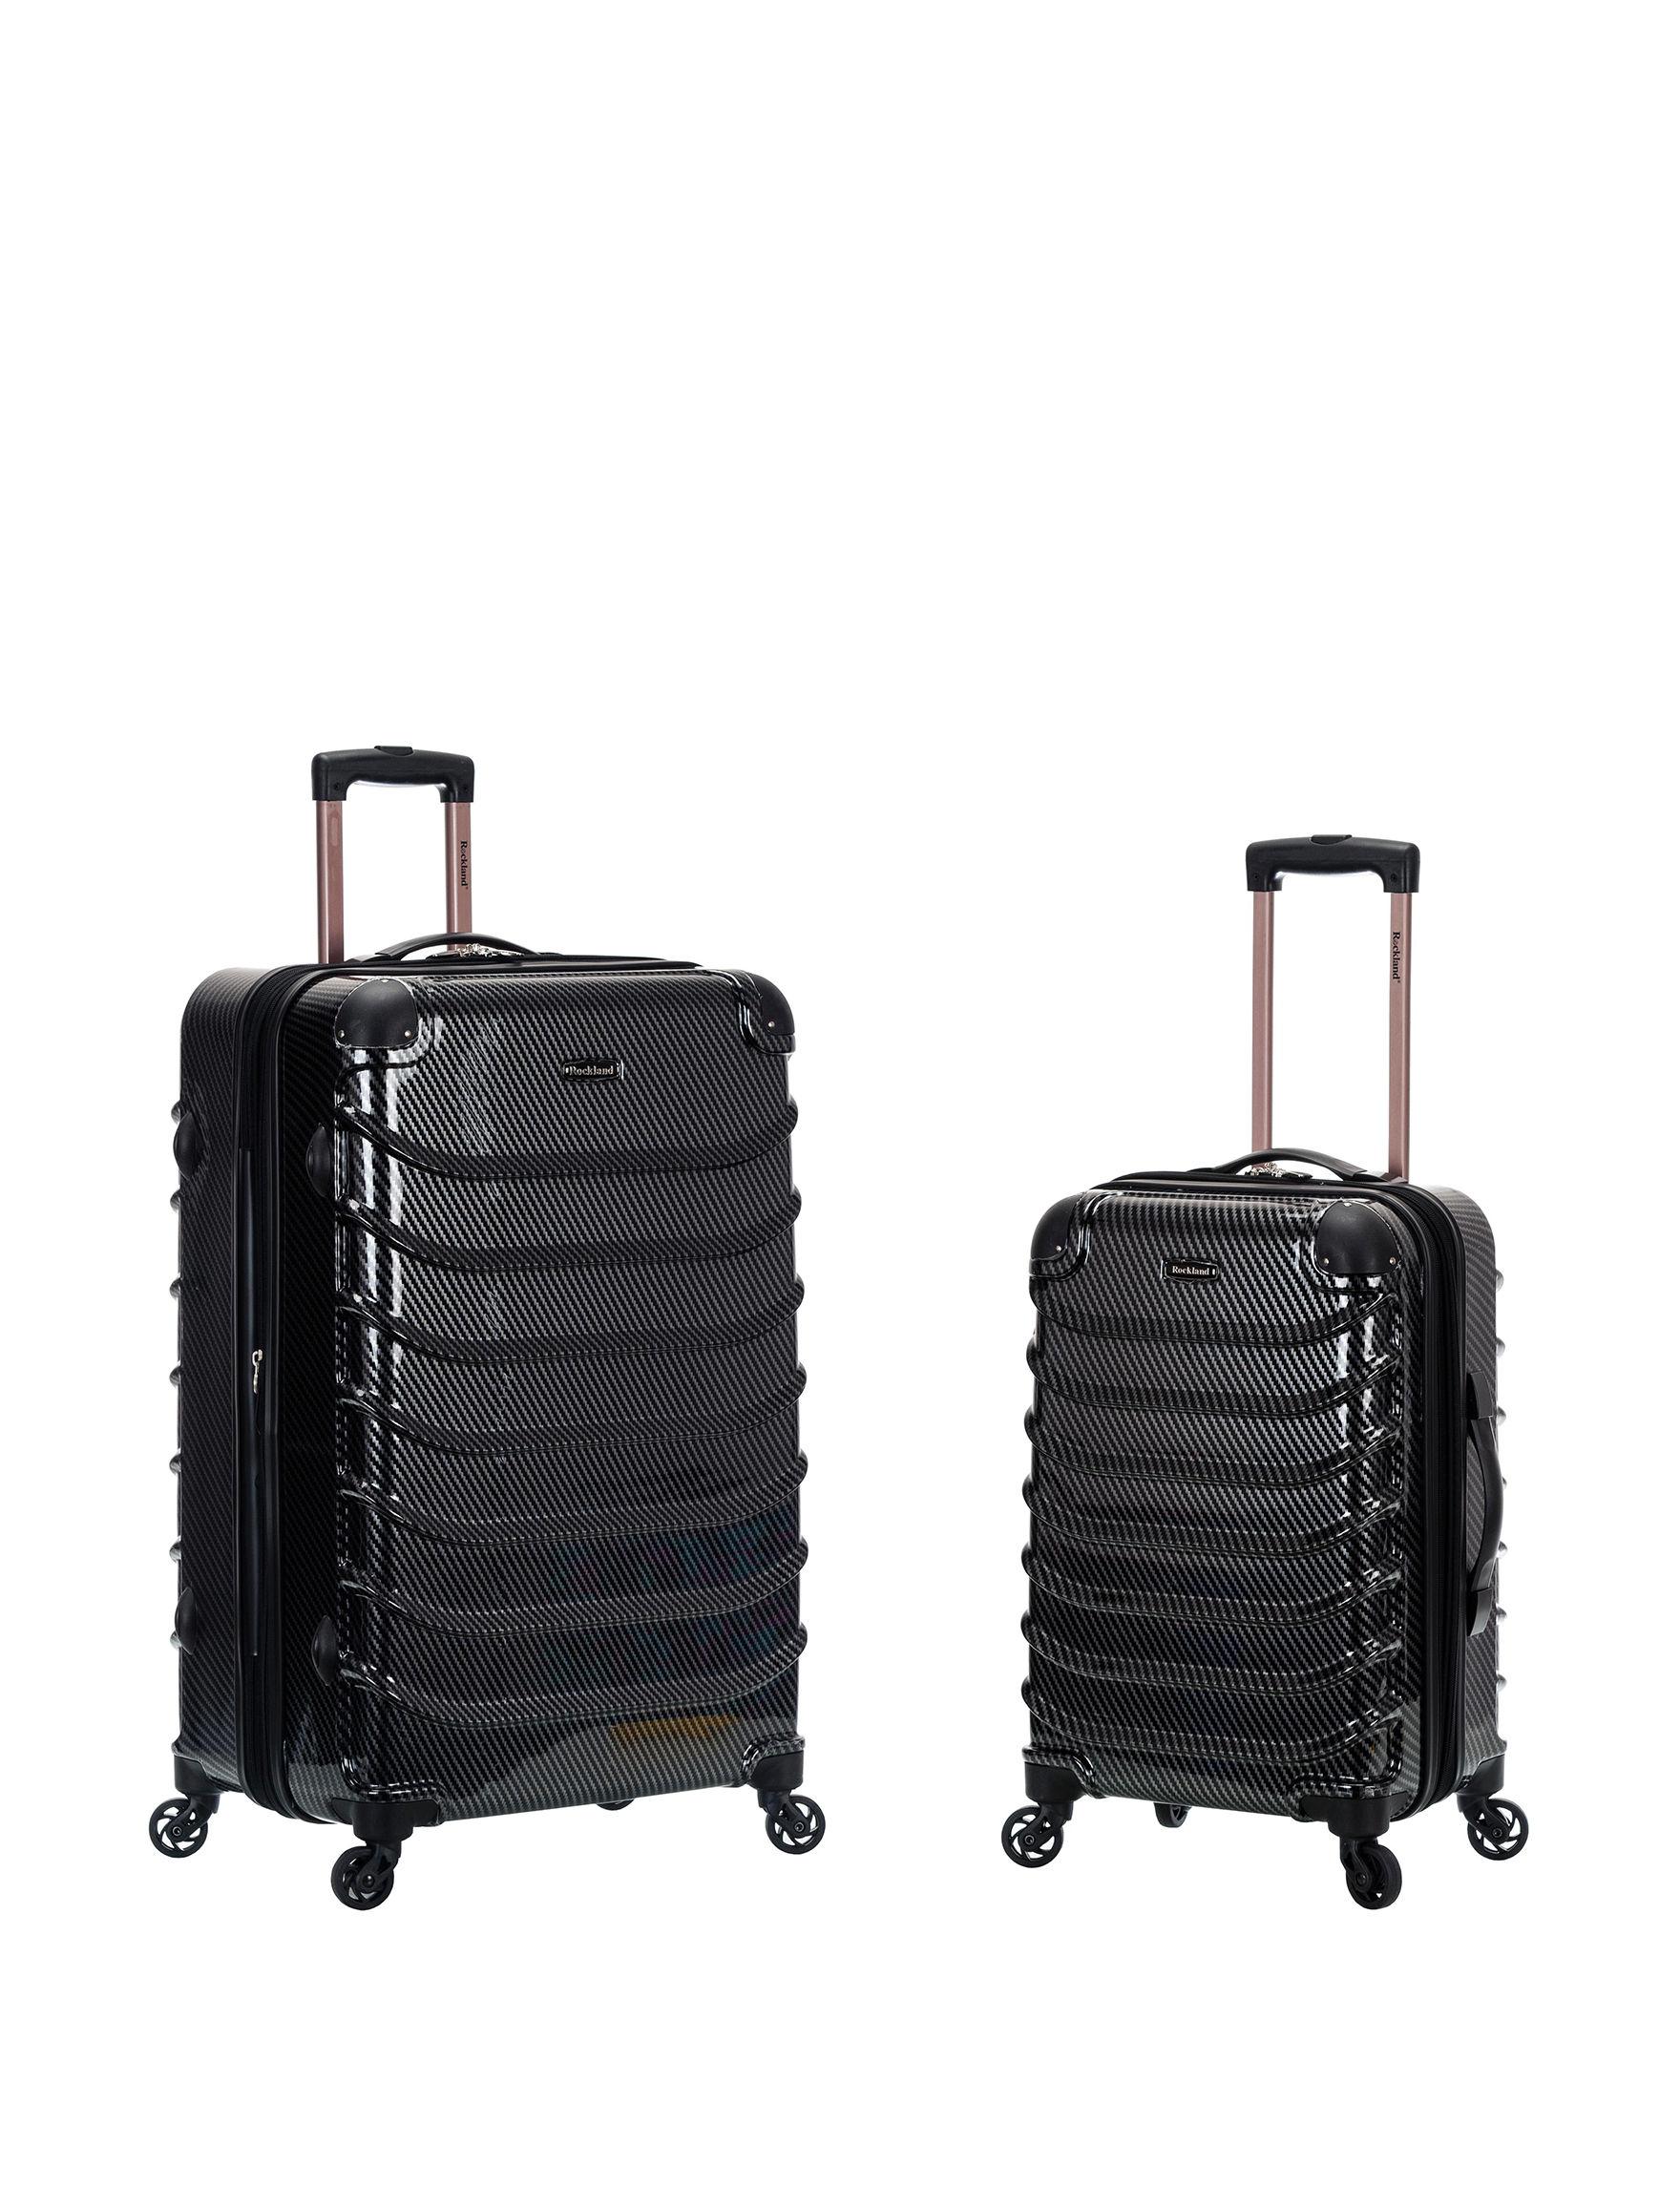 Rockland Fiber Luggage Sets